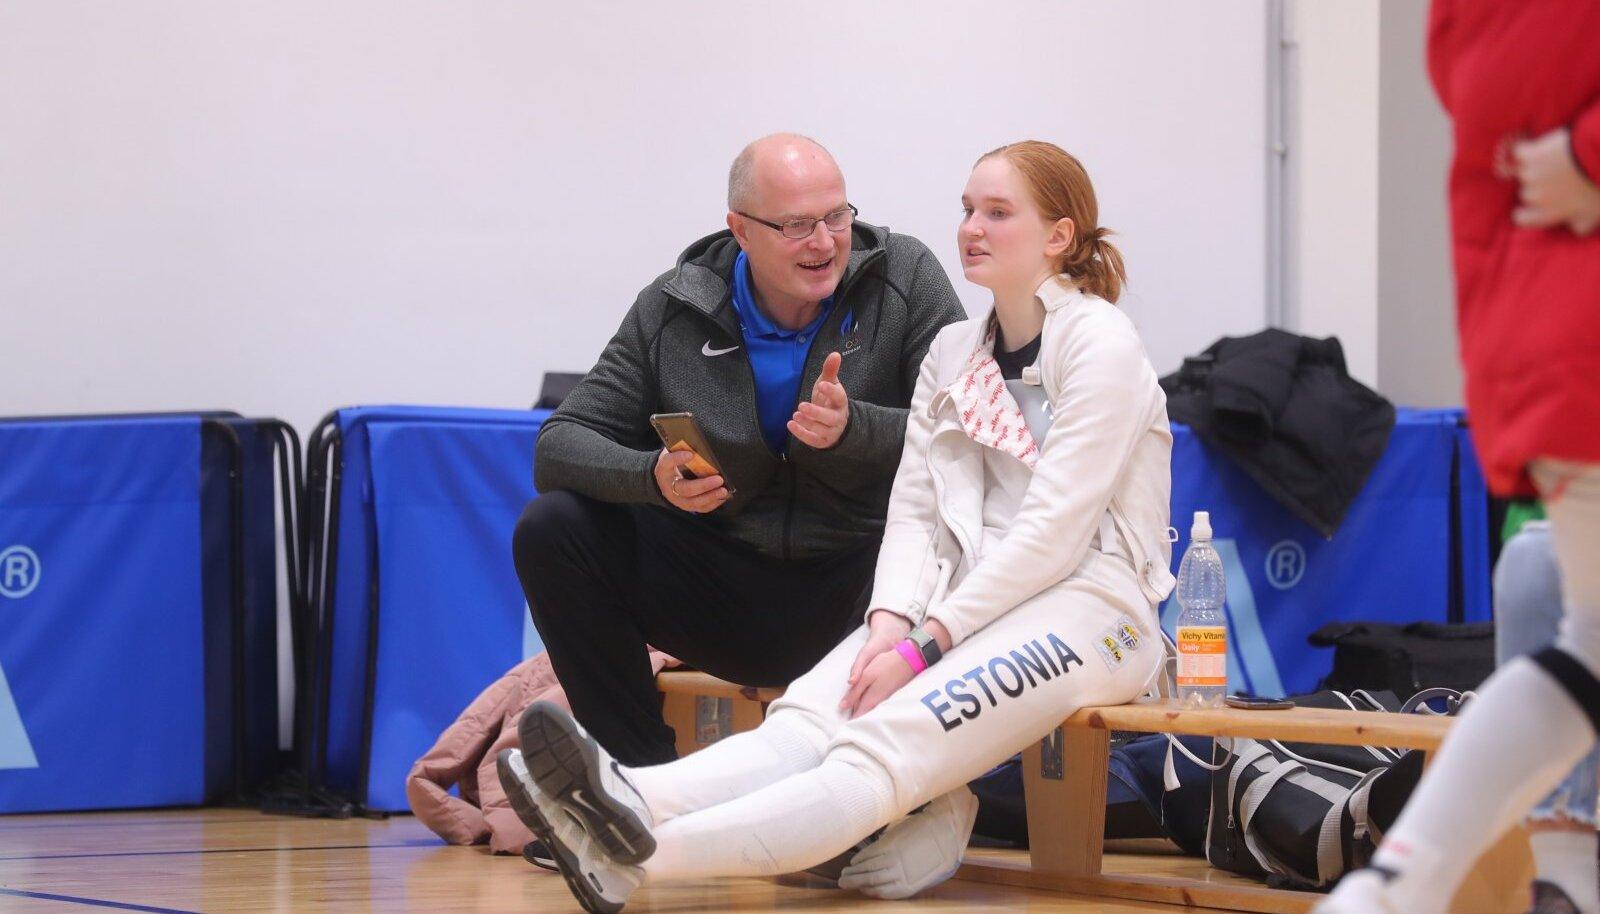 Kaido Kaaberma juhendas Eesti meistrivõistlustel tütart ega teadnud, kas on Eesti epeenaiskonna peatreener.